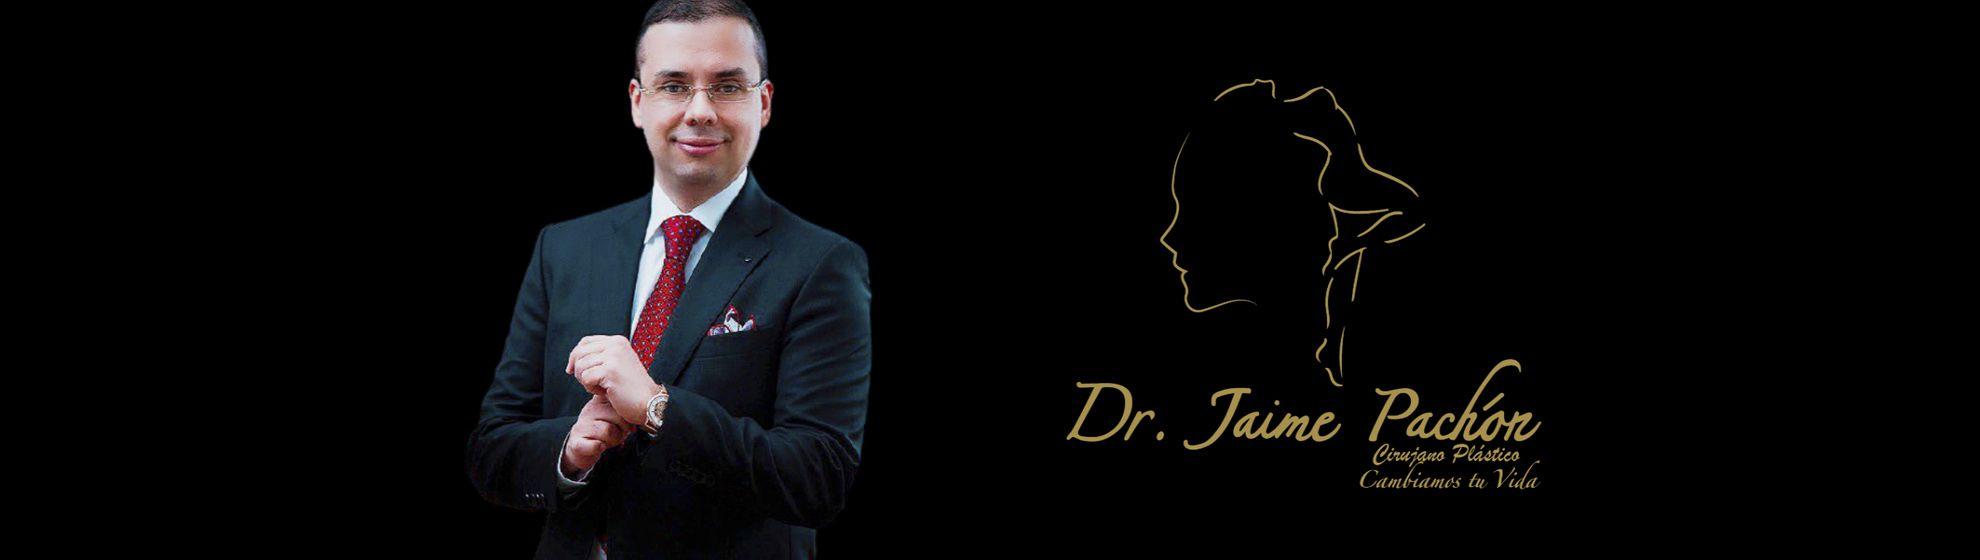 Dr. Jaime Pachón